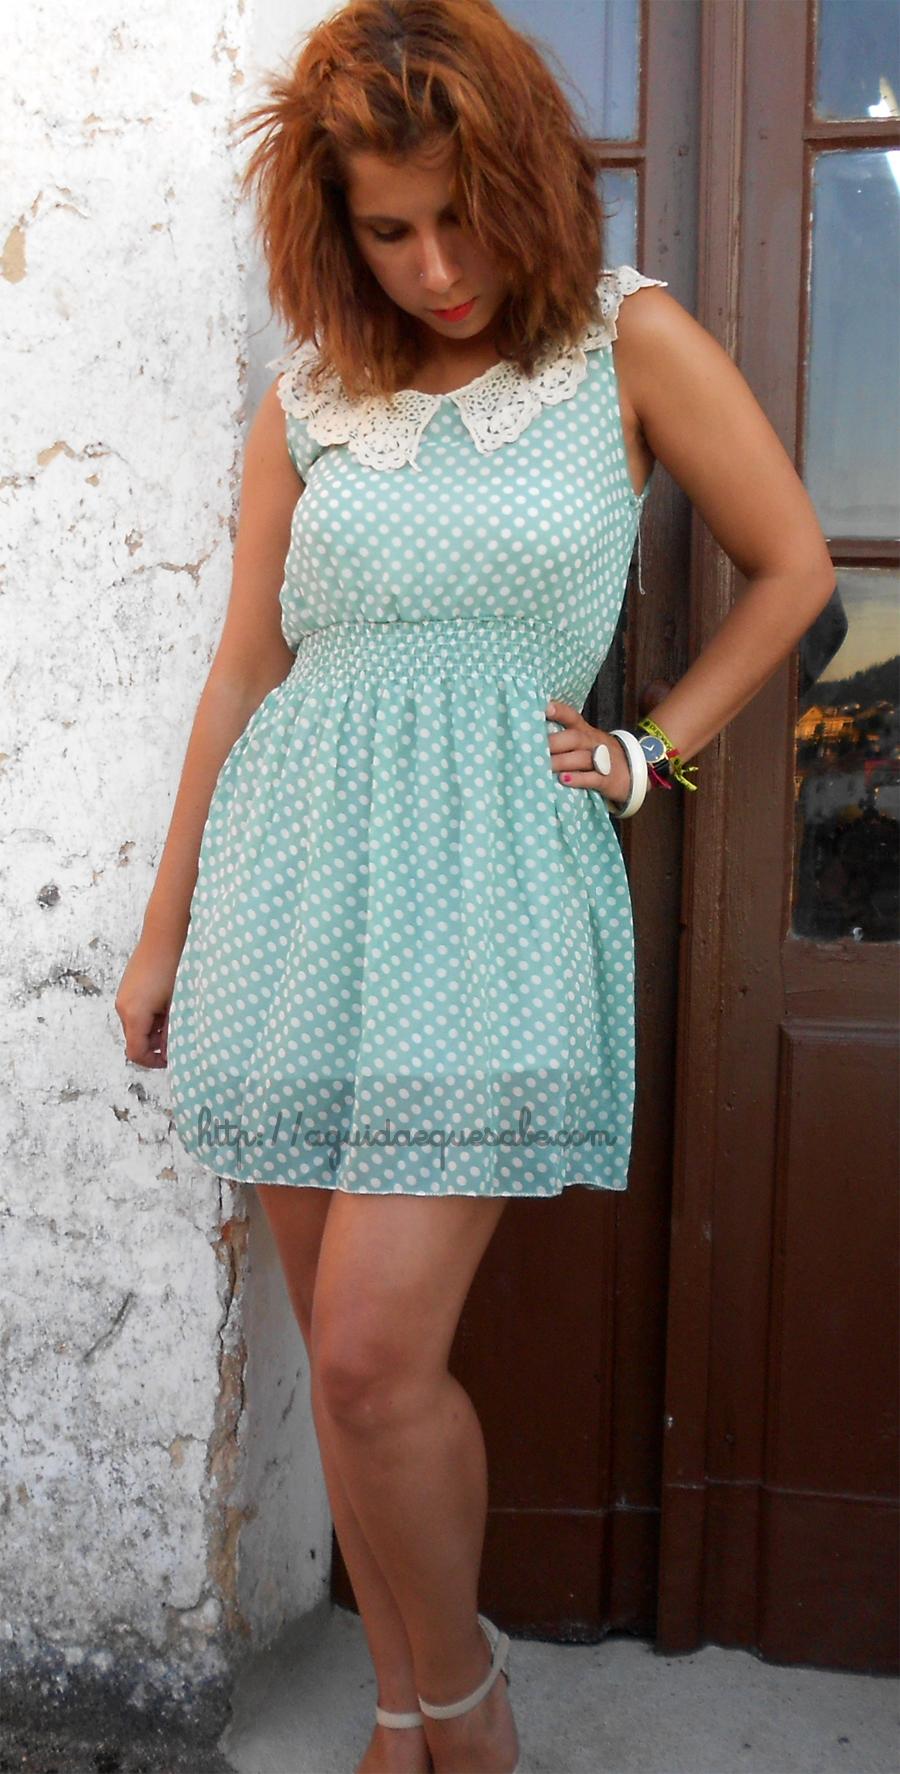 vestido low cost china sammydress bolinhas pintas menta polka dots vintage pinup